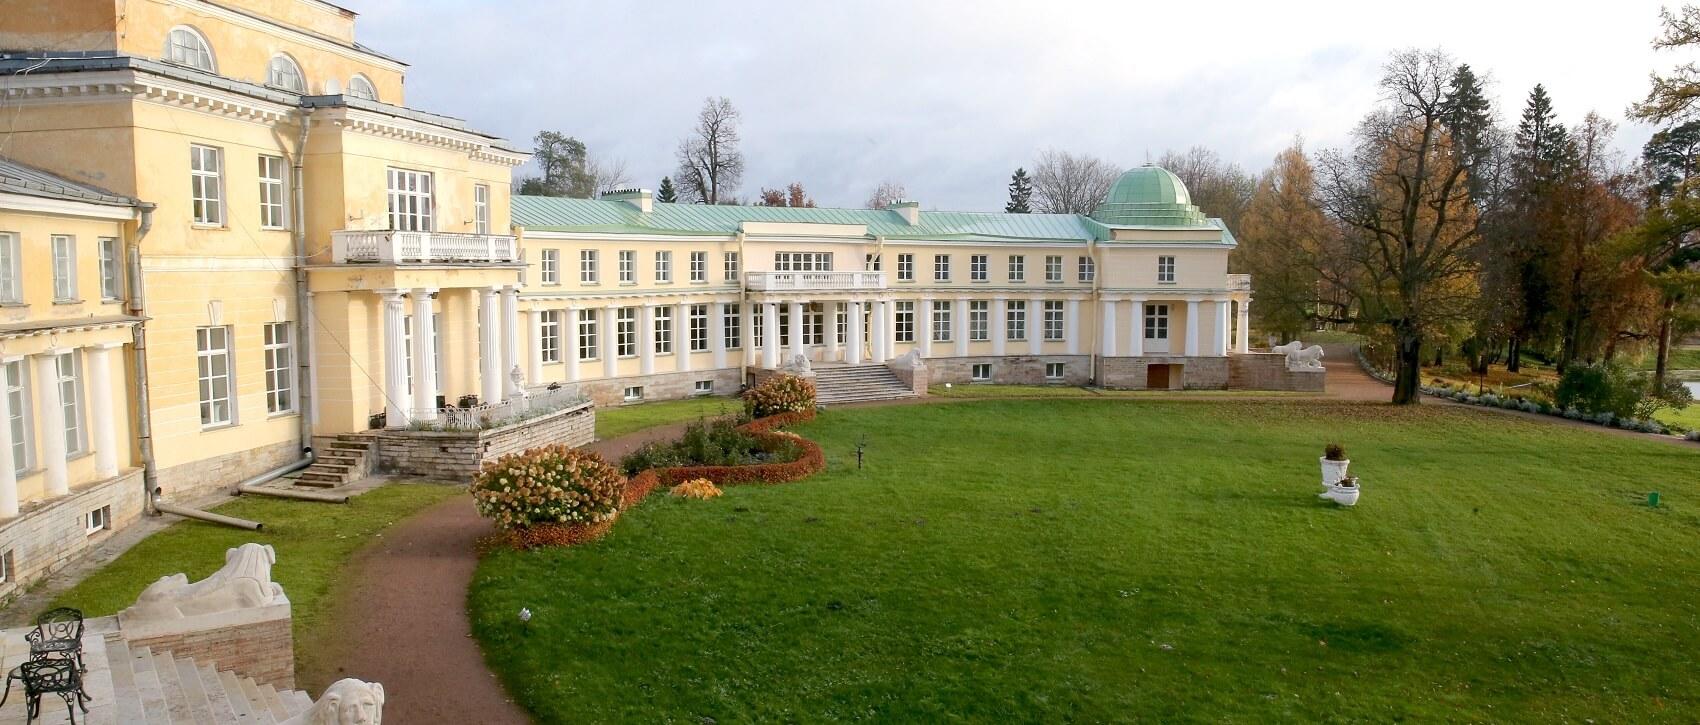 9-ый Международный Свадебный Салон (гостиница «Москва», 11-12 февраля 2012г